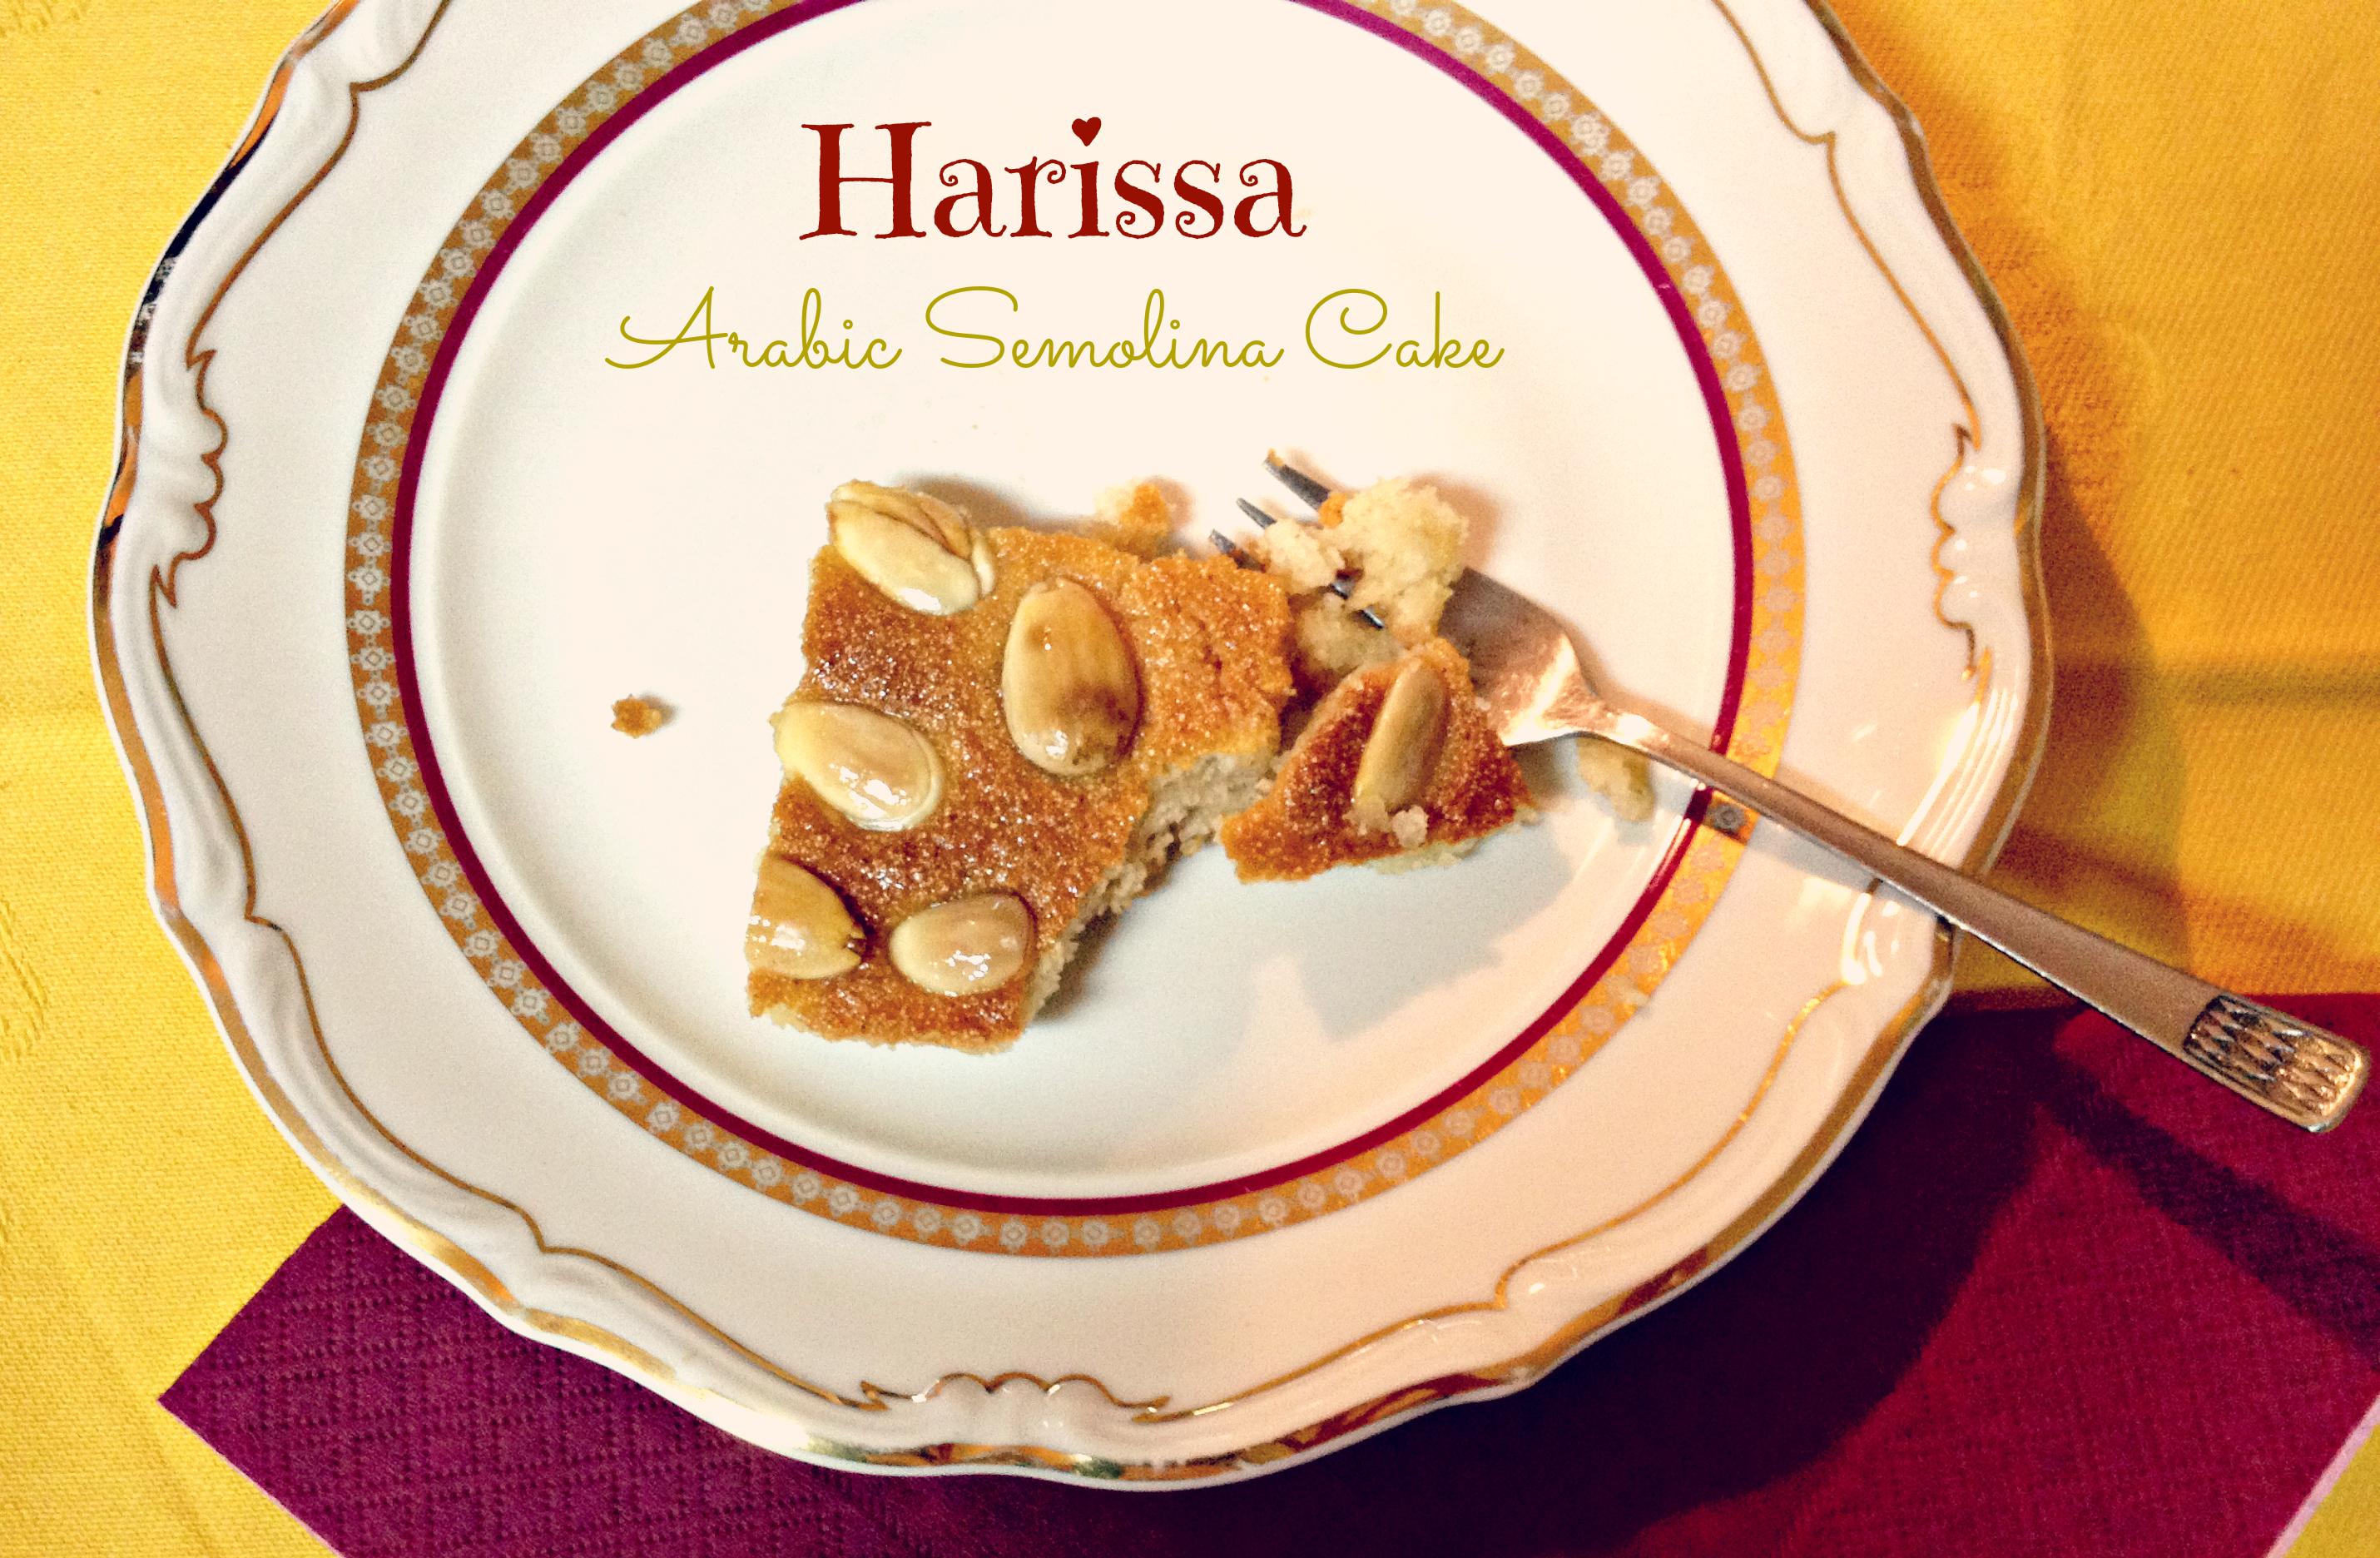 Harissa: Arabic Semolina Cake (a healthier version)